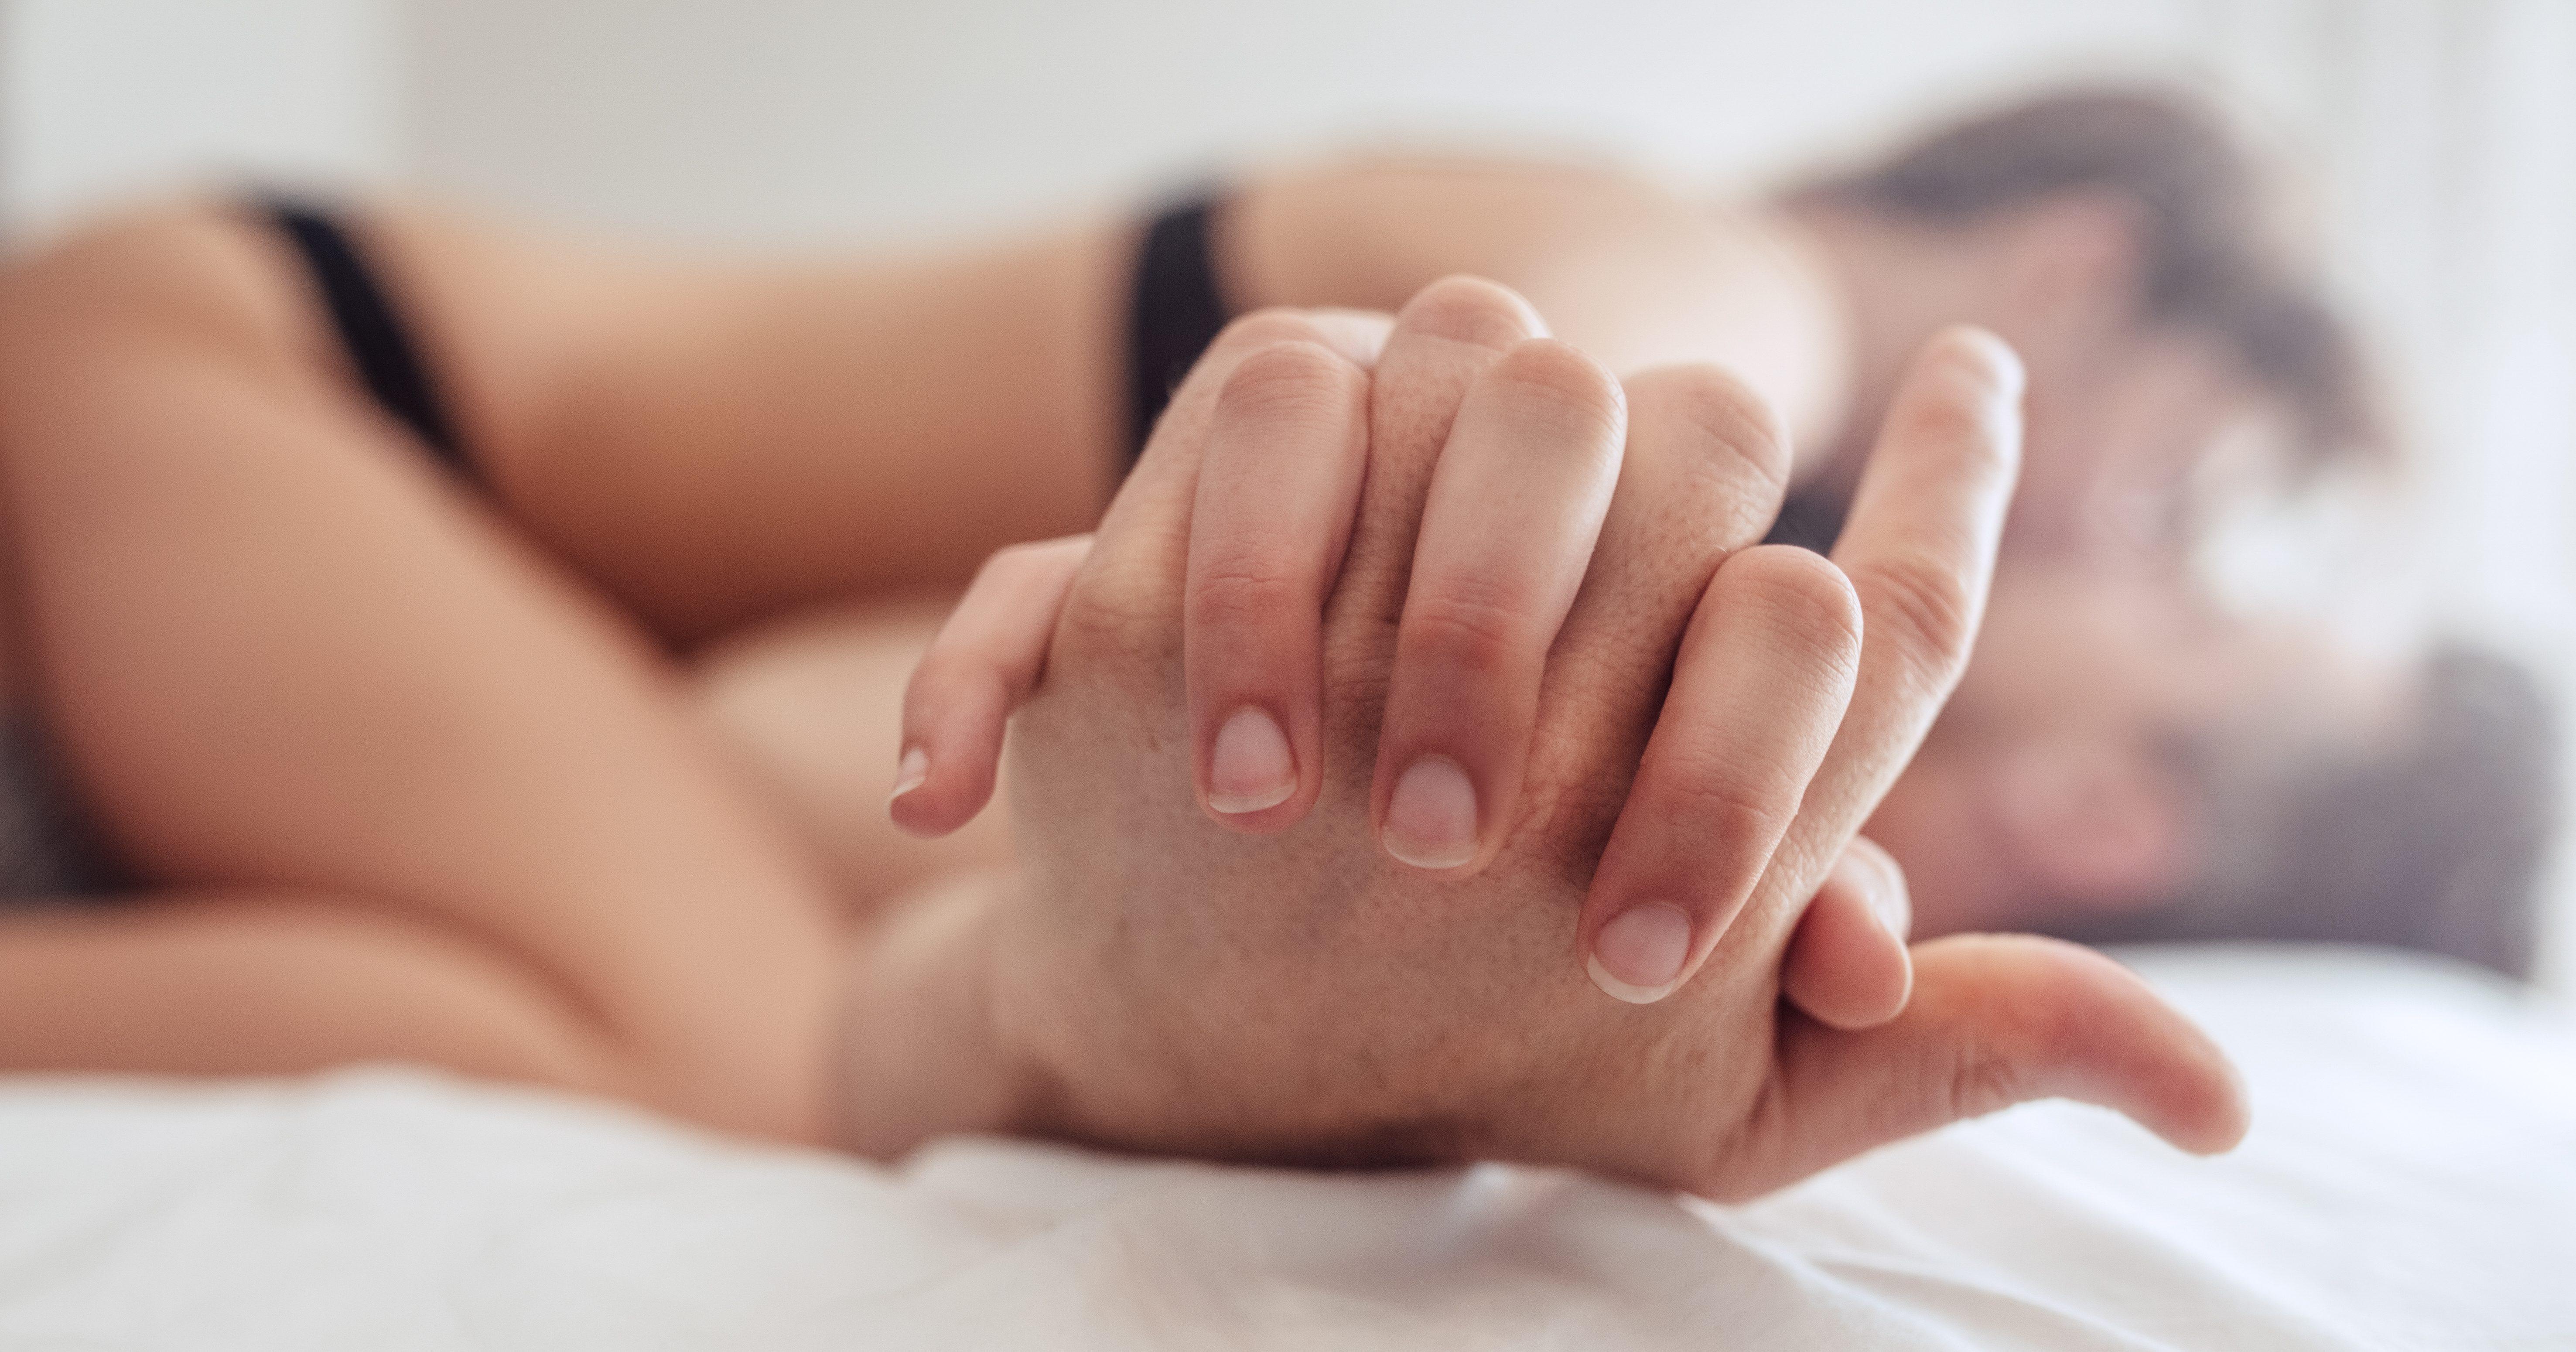 Проблемы при сексе как удовлетворить девушку